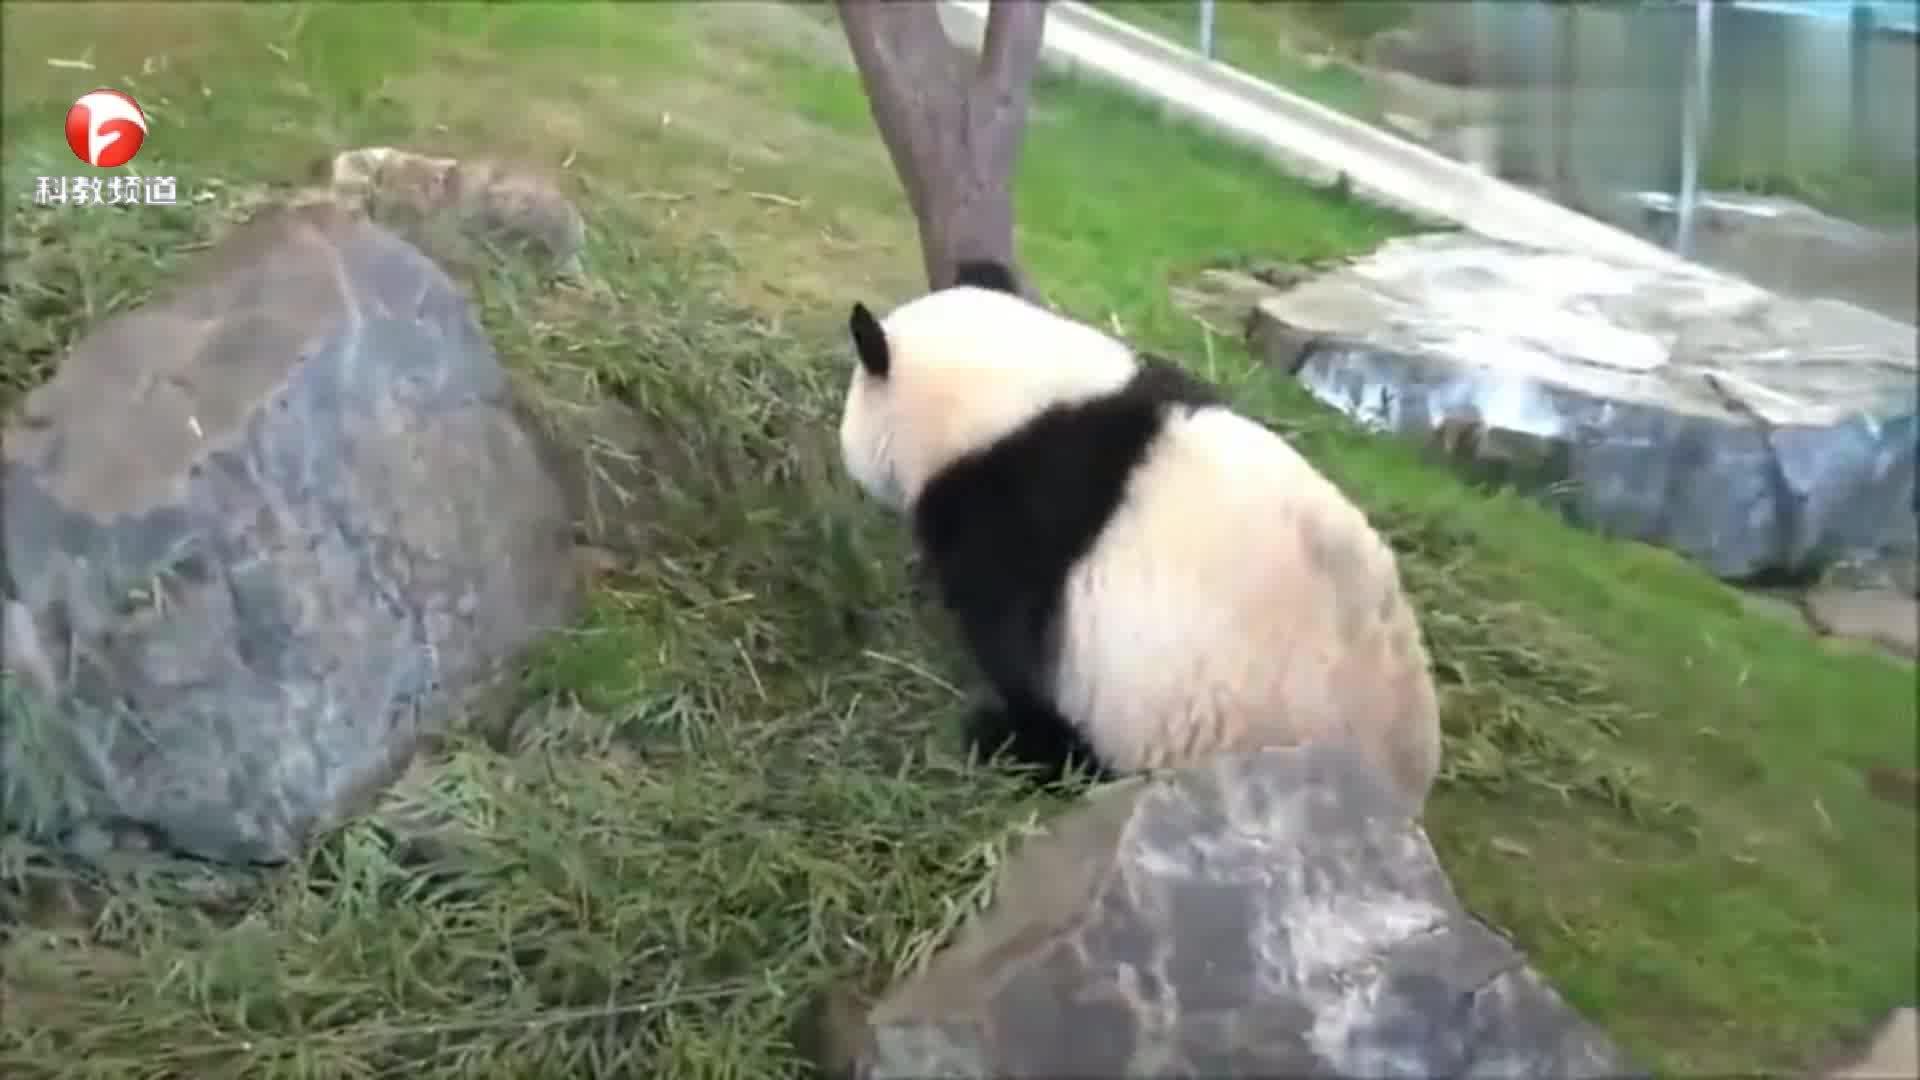 动物园里的熊猫,在树枝上爬来爬去,太可爱了!